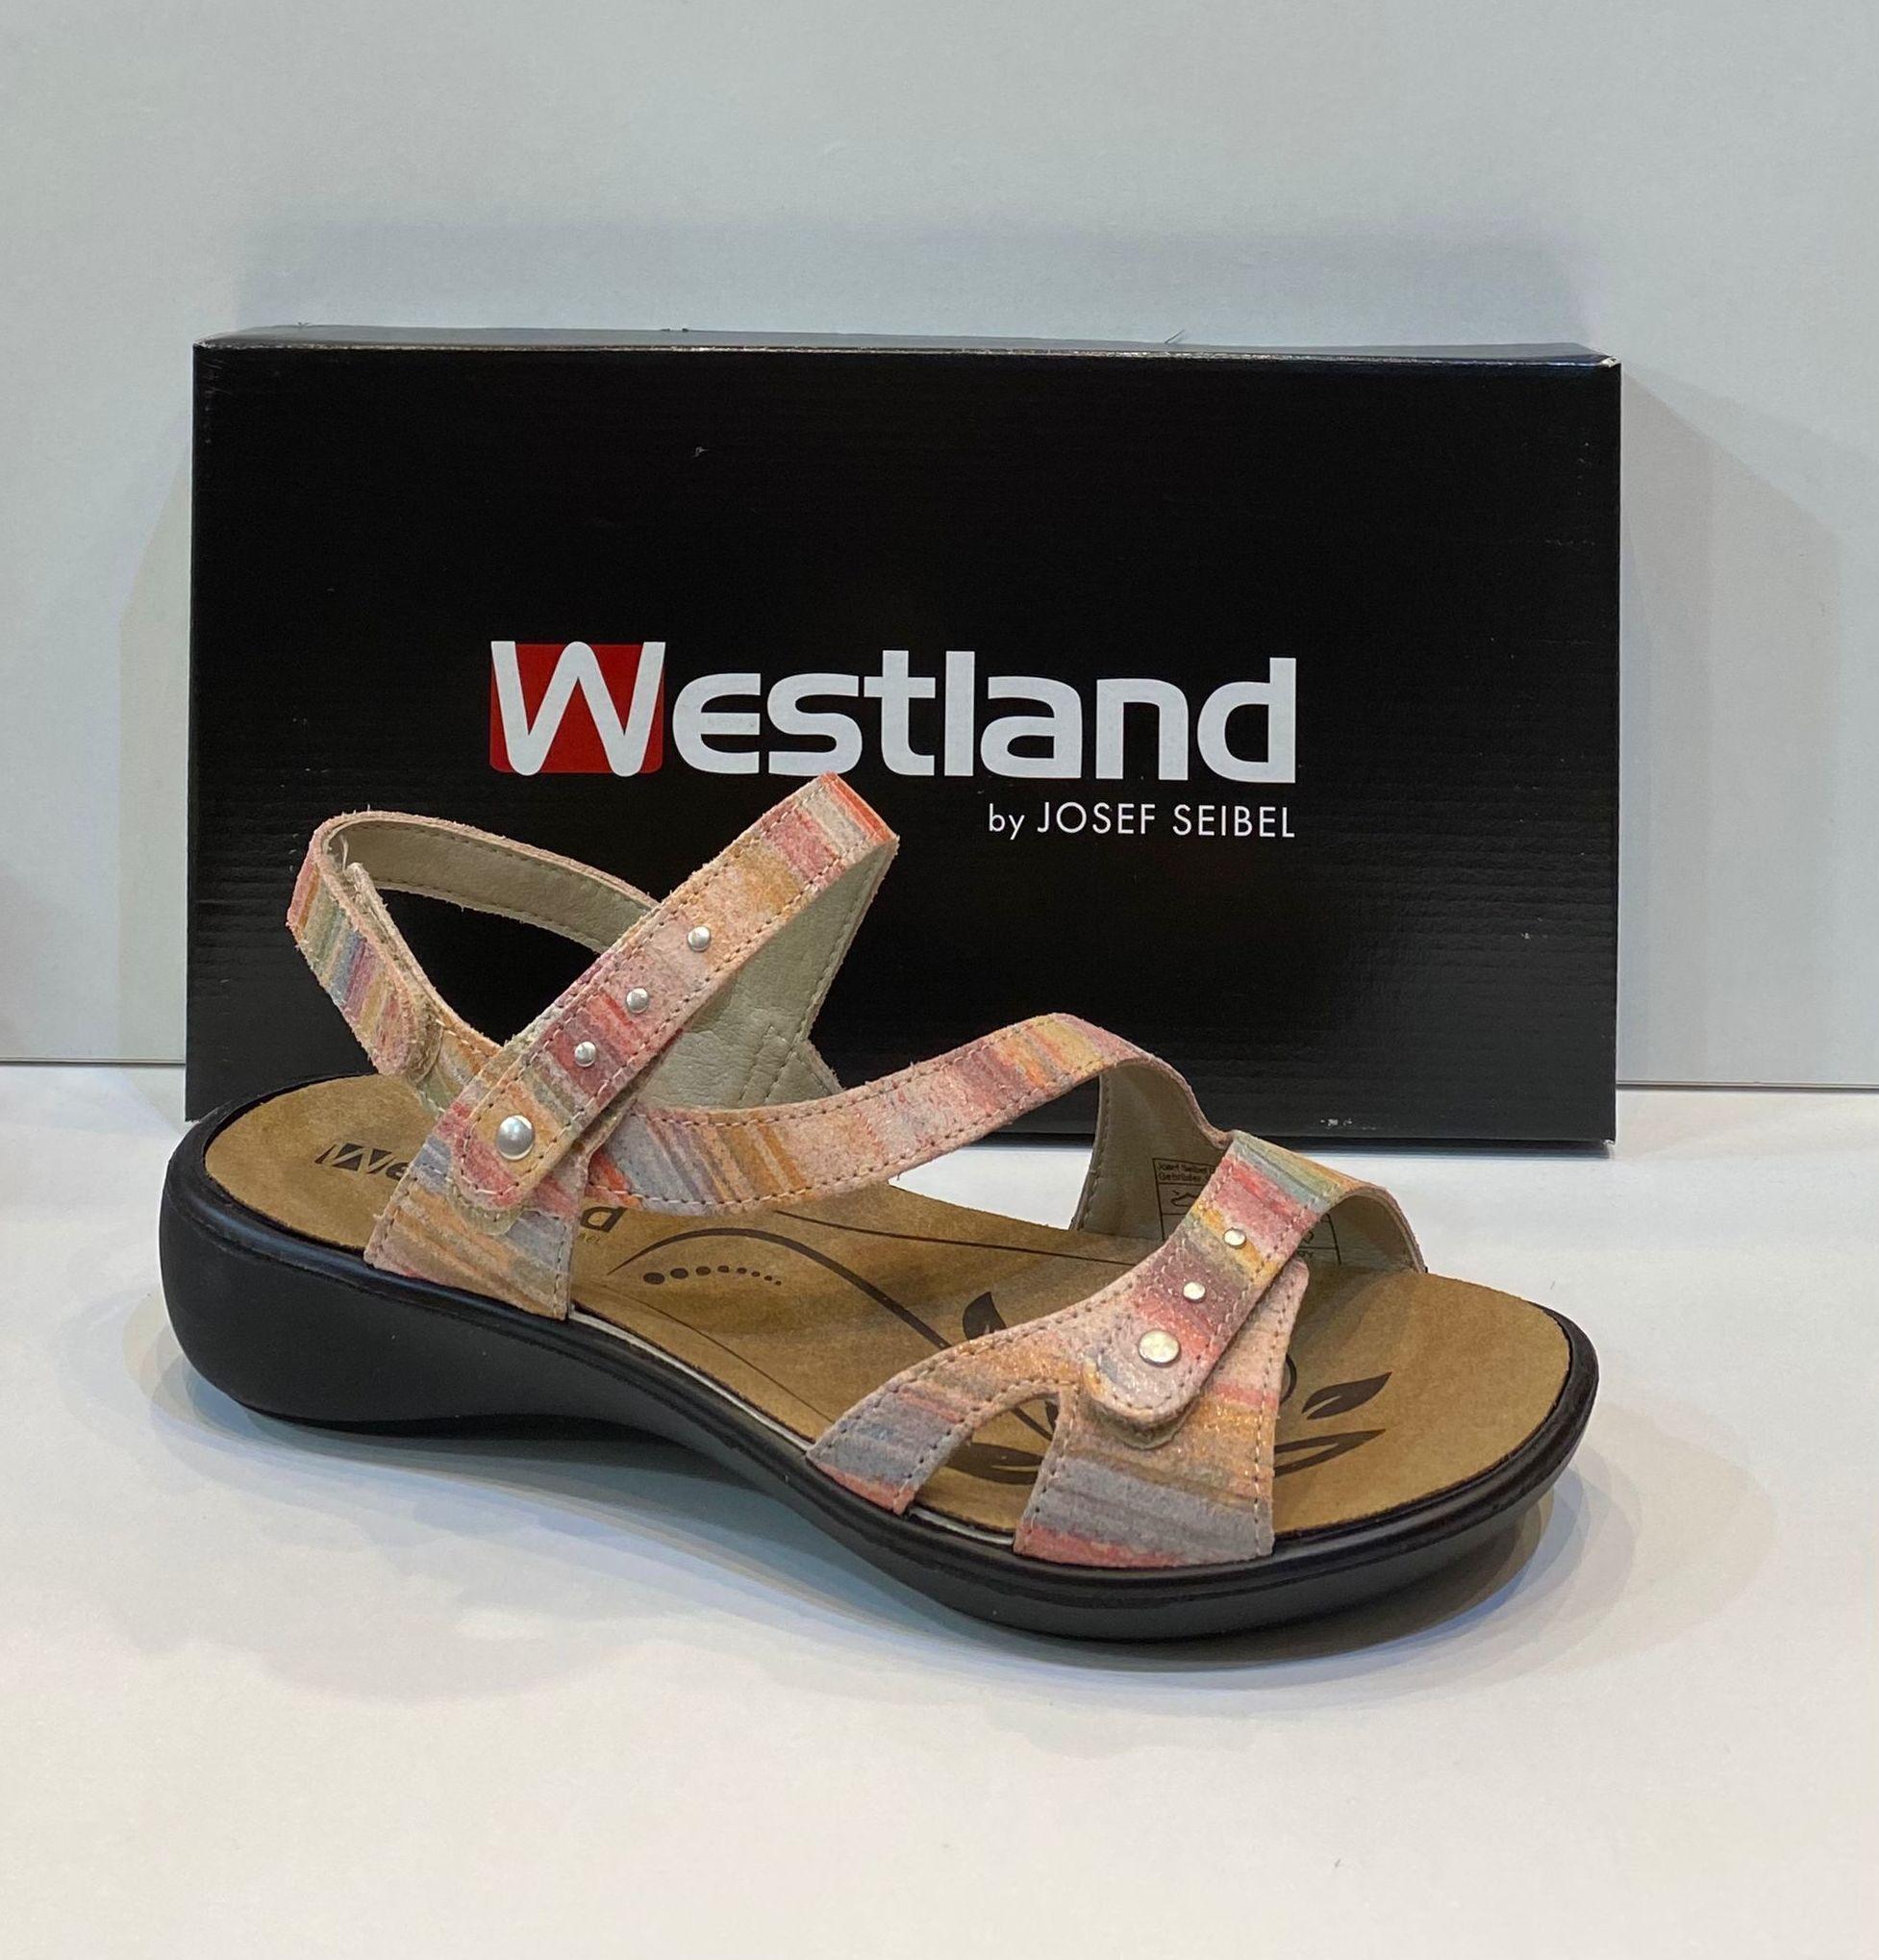 Sandàlia de dona, de la marca Westland, ample especial, adaptable a totes les amplades, plantilla de làtex extraible, adaptable a plantilles ortopèdiques, sola de politilè antilliscant 79.95€